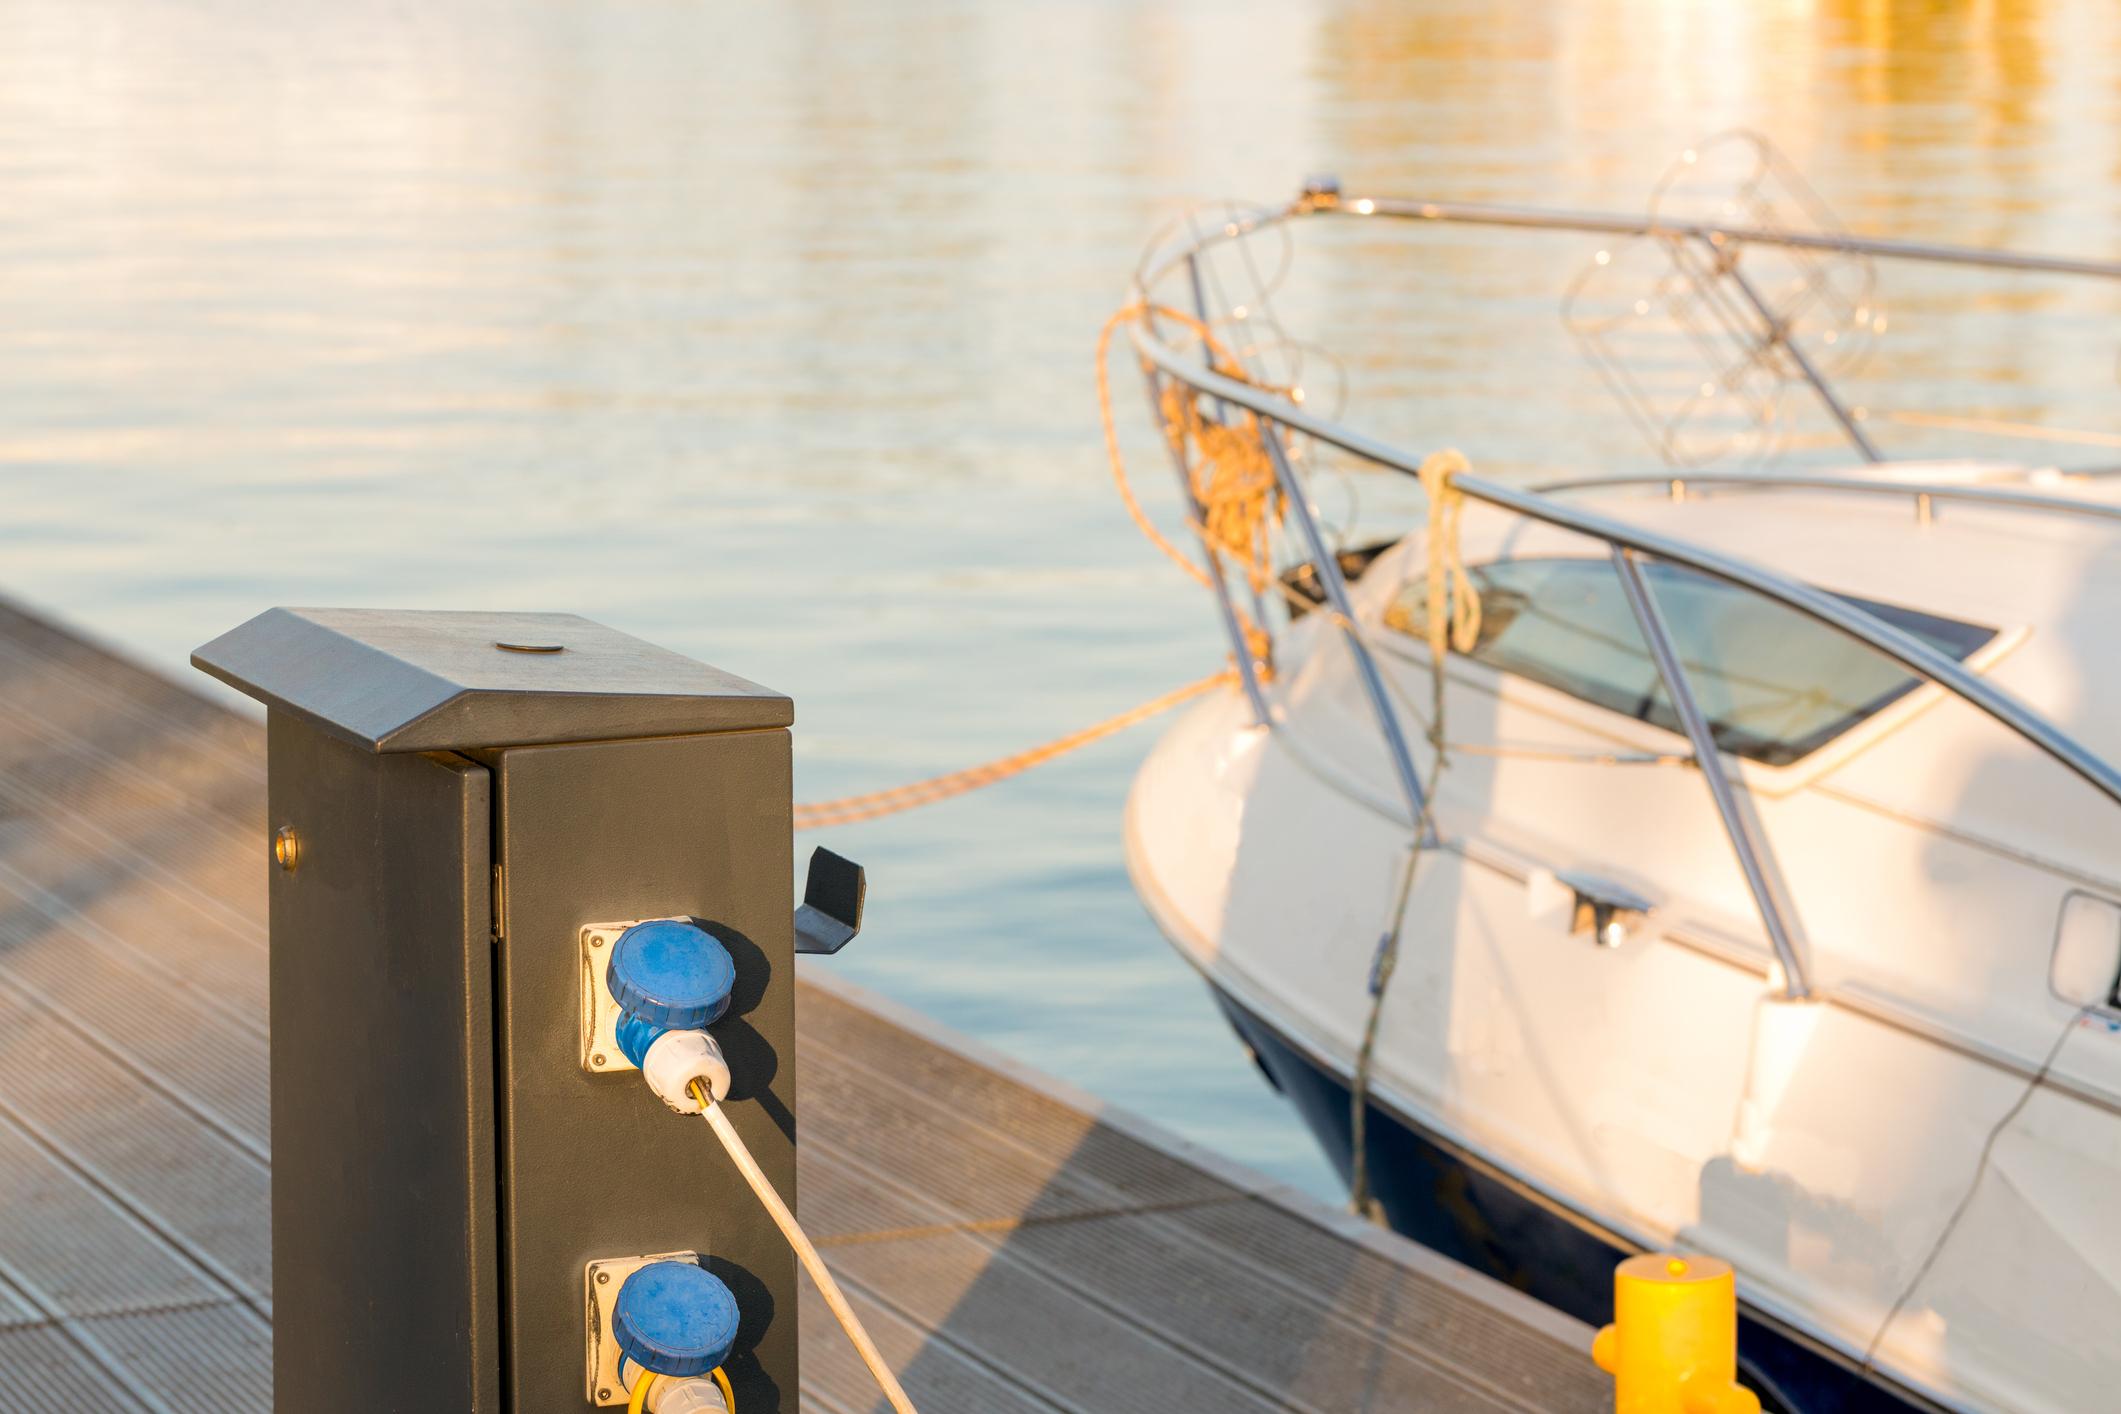 Charging boat batteries at the marina